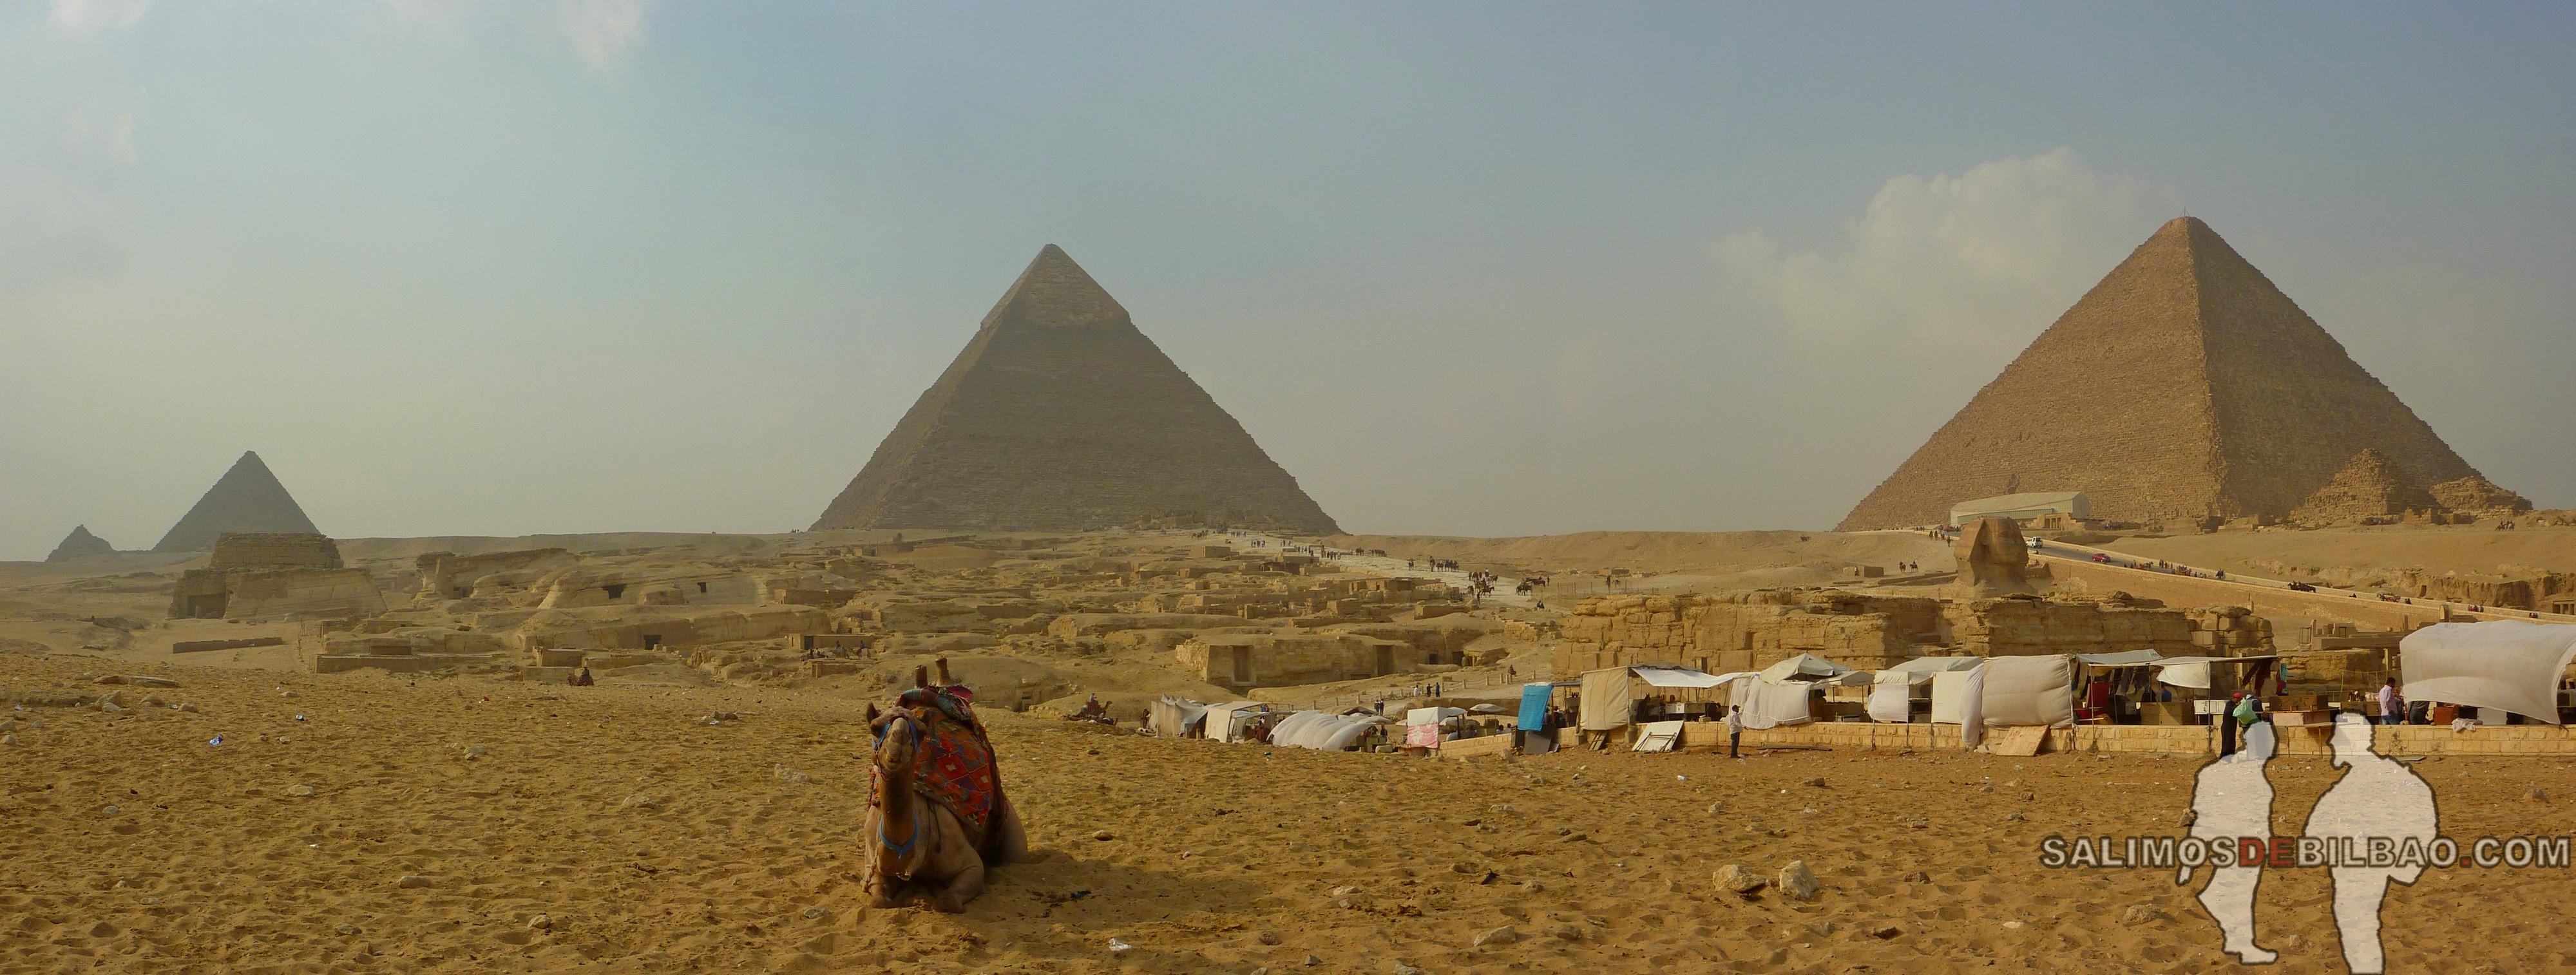 0200. Pirámides de Giza y Esfinge